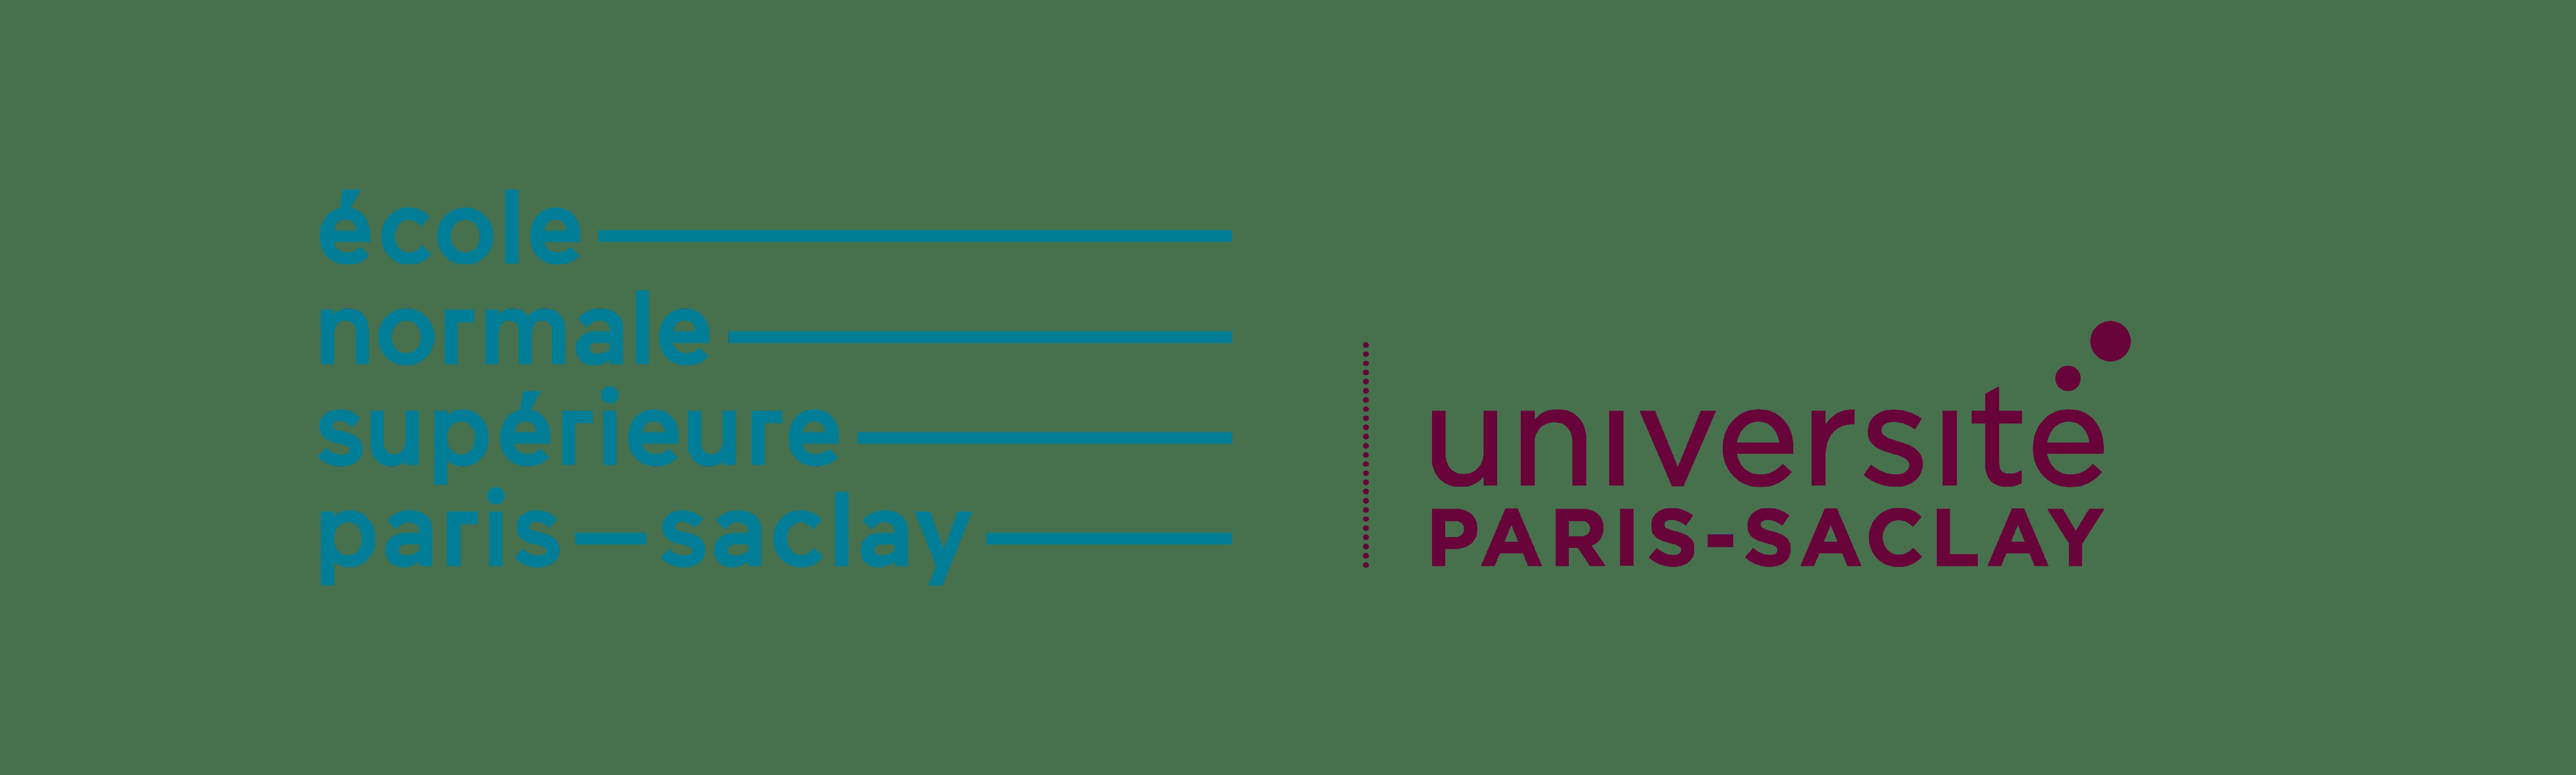 Ecole normale supérieure Paris-Saclay